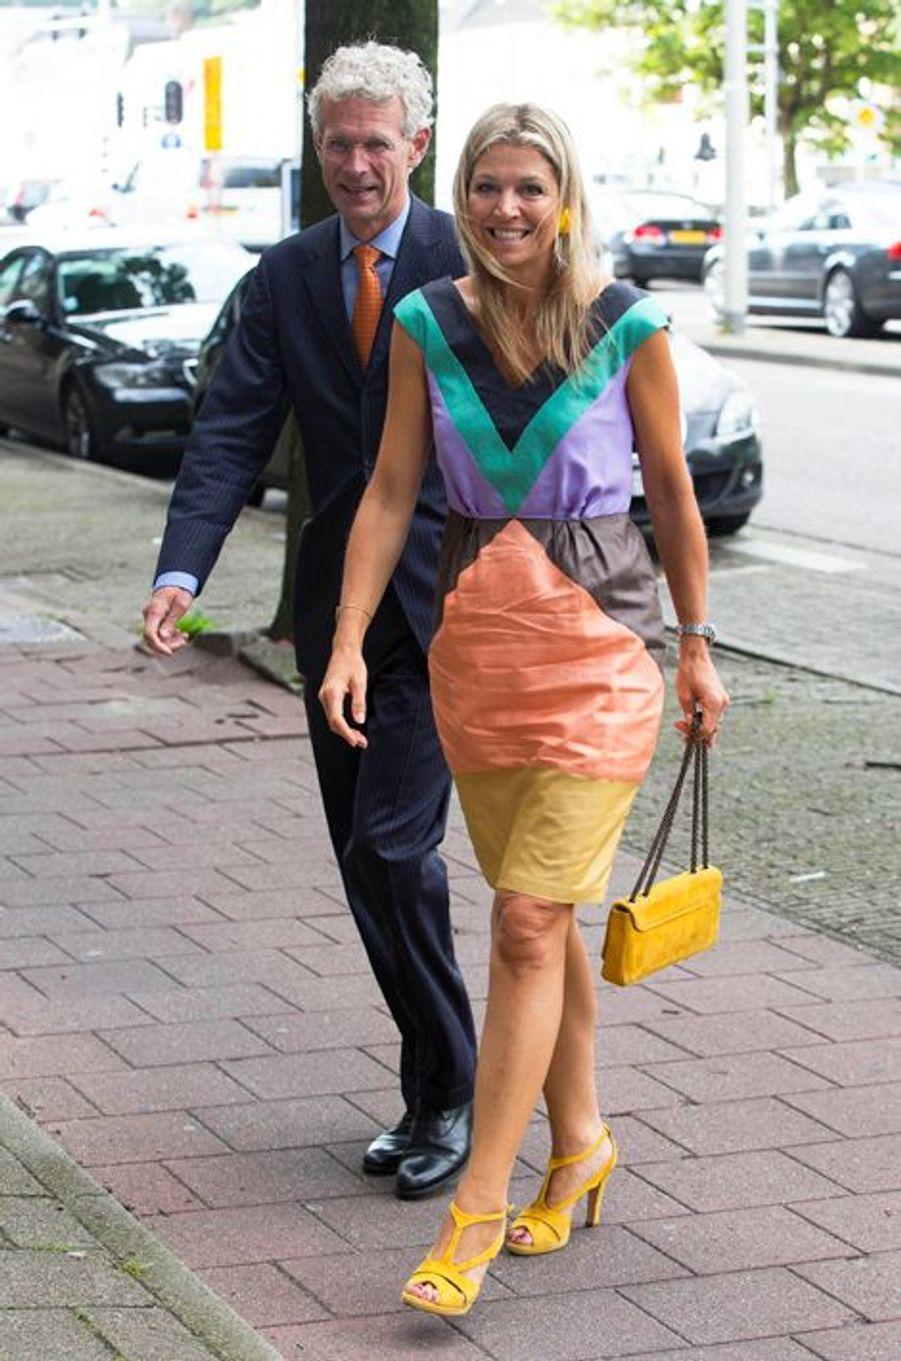 Après avoir arboré des tons pastel la veille, la reine Maxima des Pays-Bas était assurément haute en couleur au vrai sens du terme ce vendredi 28 août à La Haye, pour visiter la fondation Talentcoach.Chaque dimanche, le Royal Blog de Paris Match vous propose de voir ou revoir les plus belles photographies de la semaine royale.